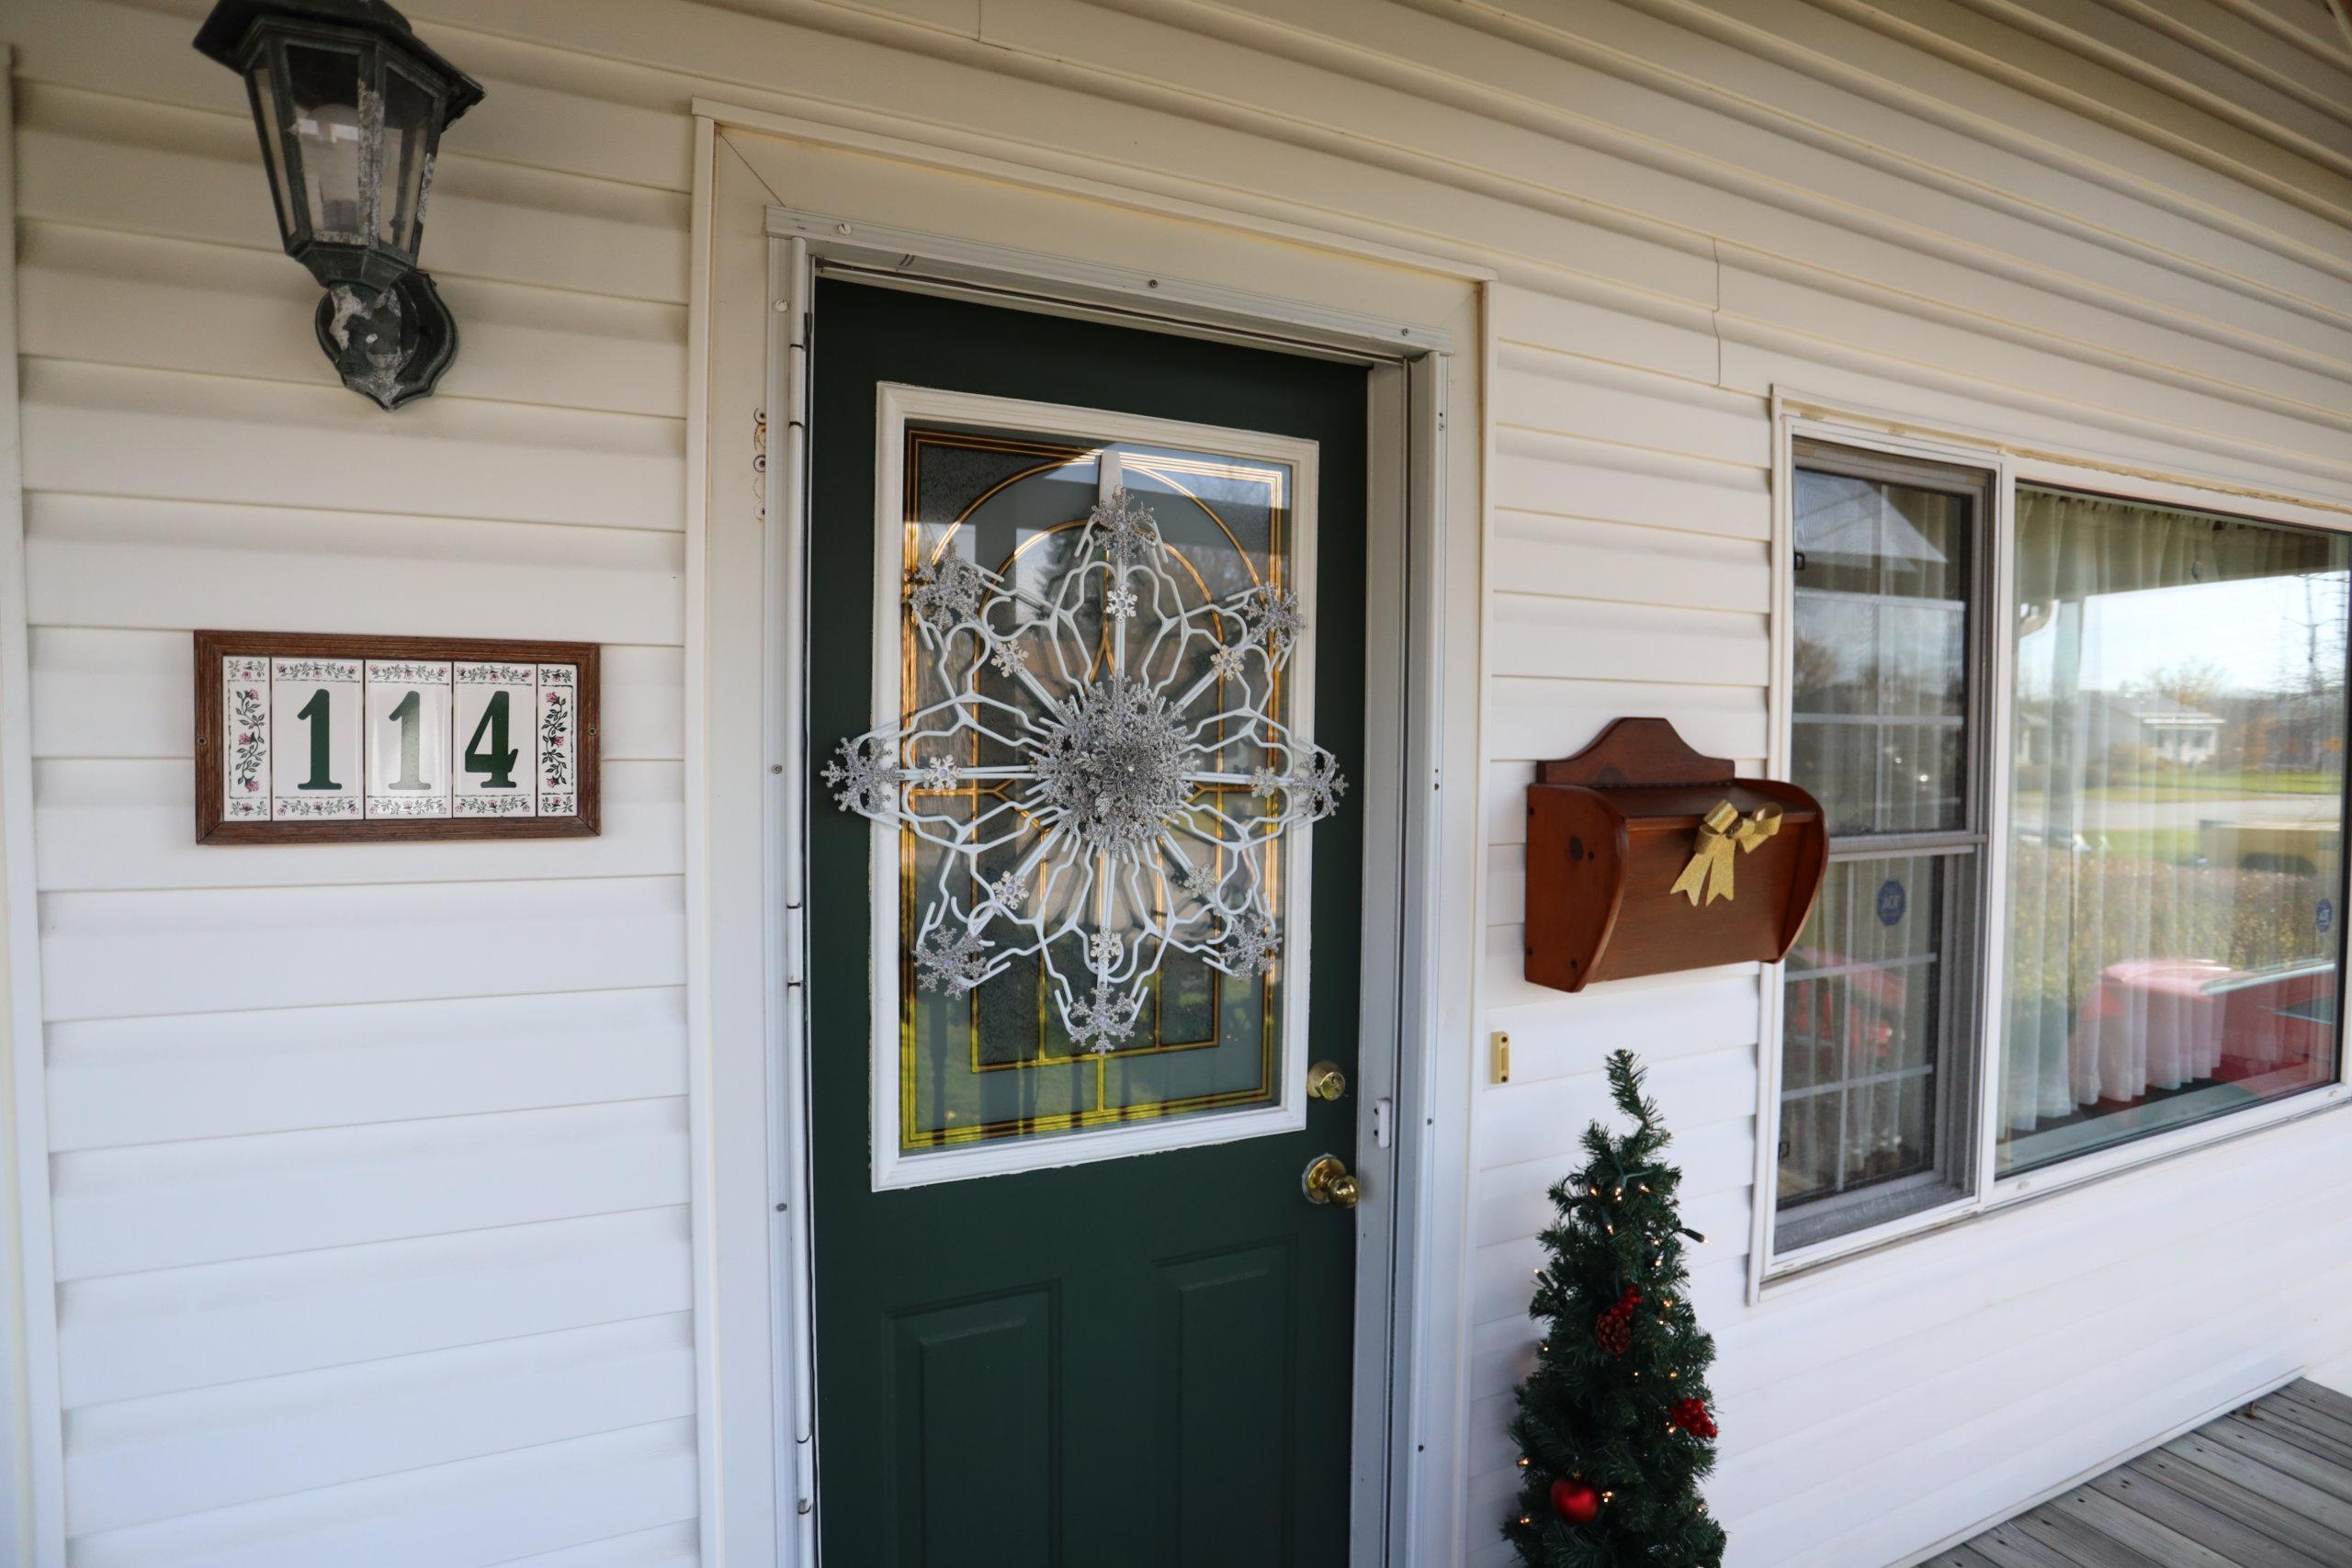 finshed snowflake hanger on door